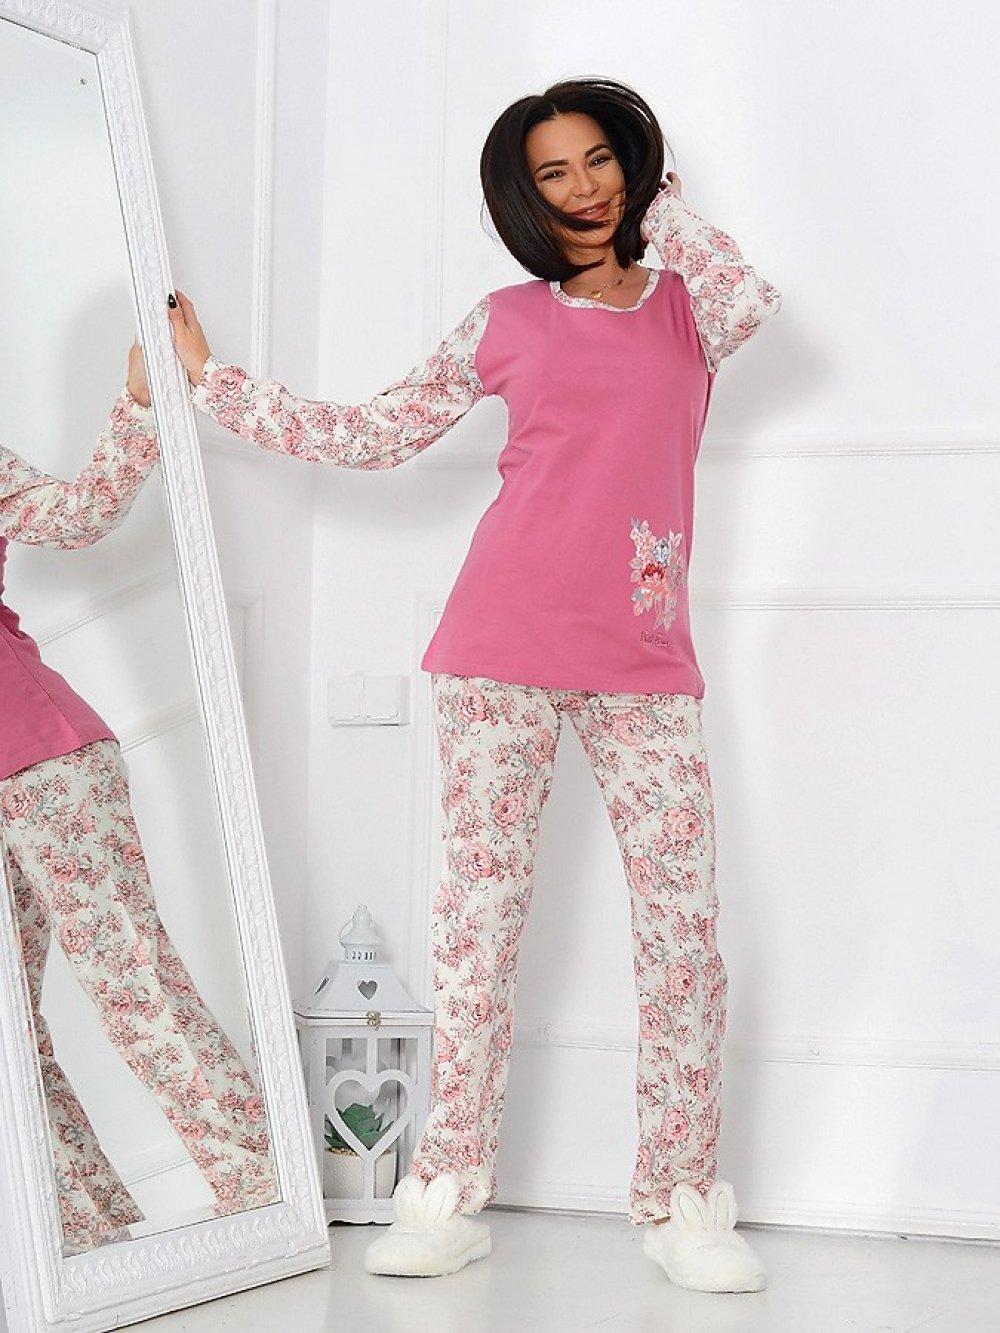 (P) A început sezonul pijamalelor călduroase! Sunt acestea potrivite pentru a le oferi cadou?